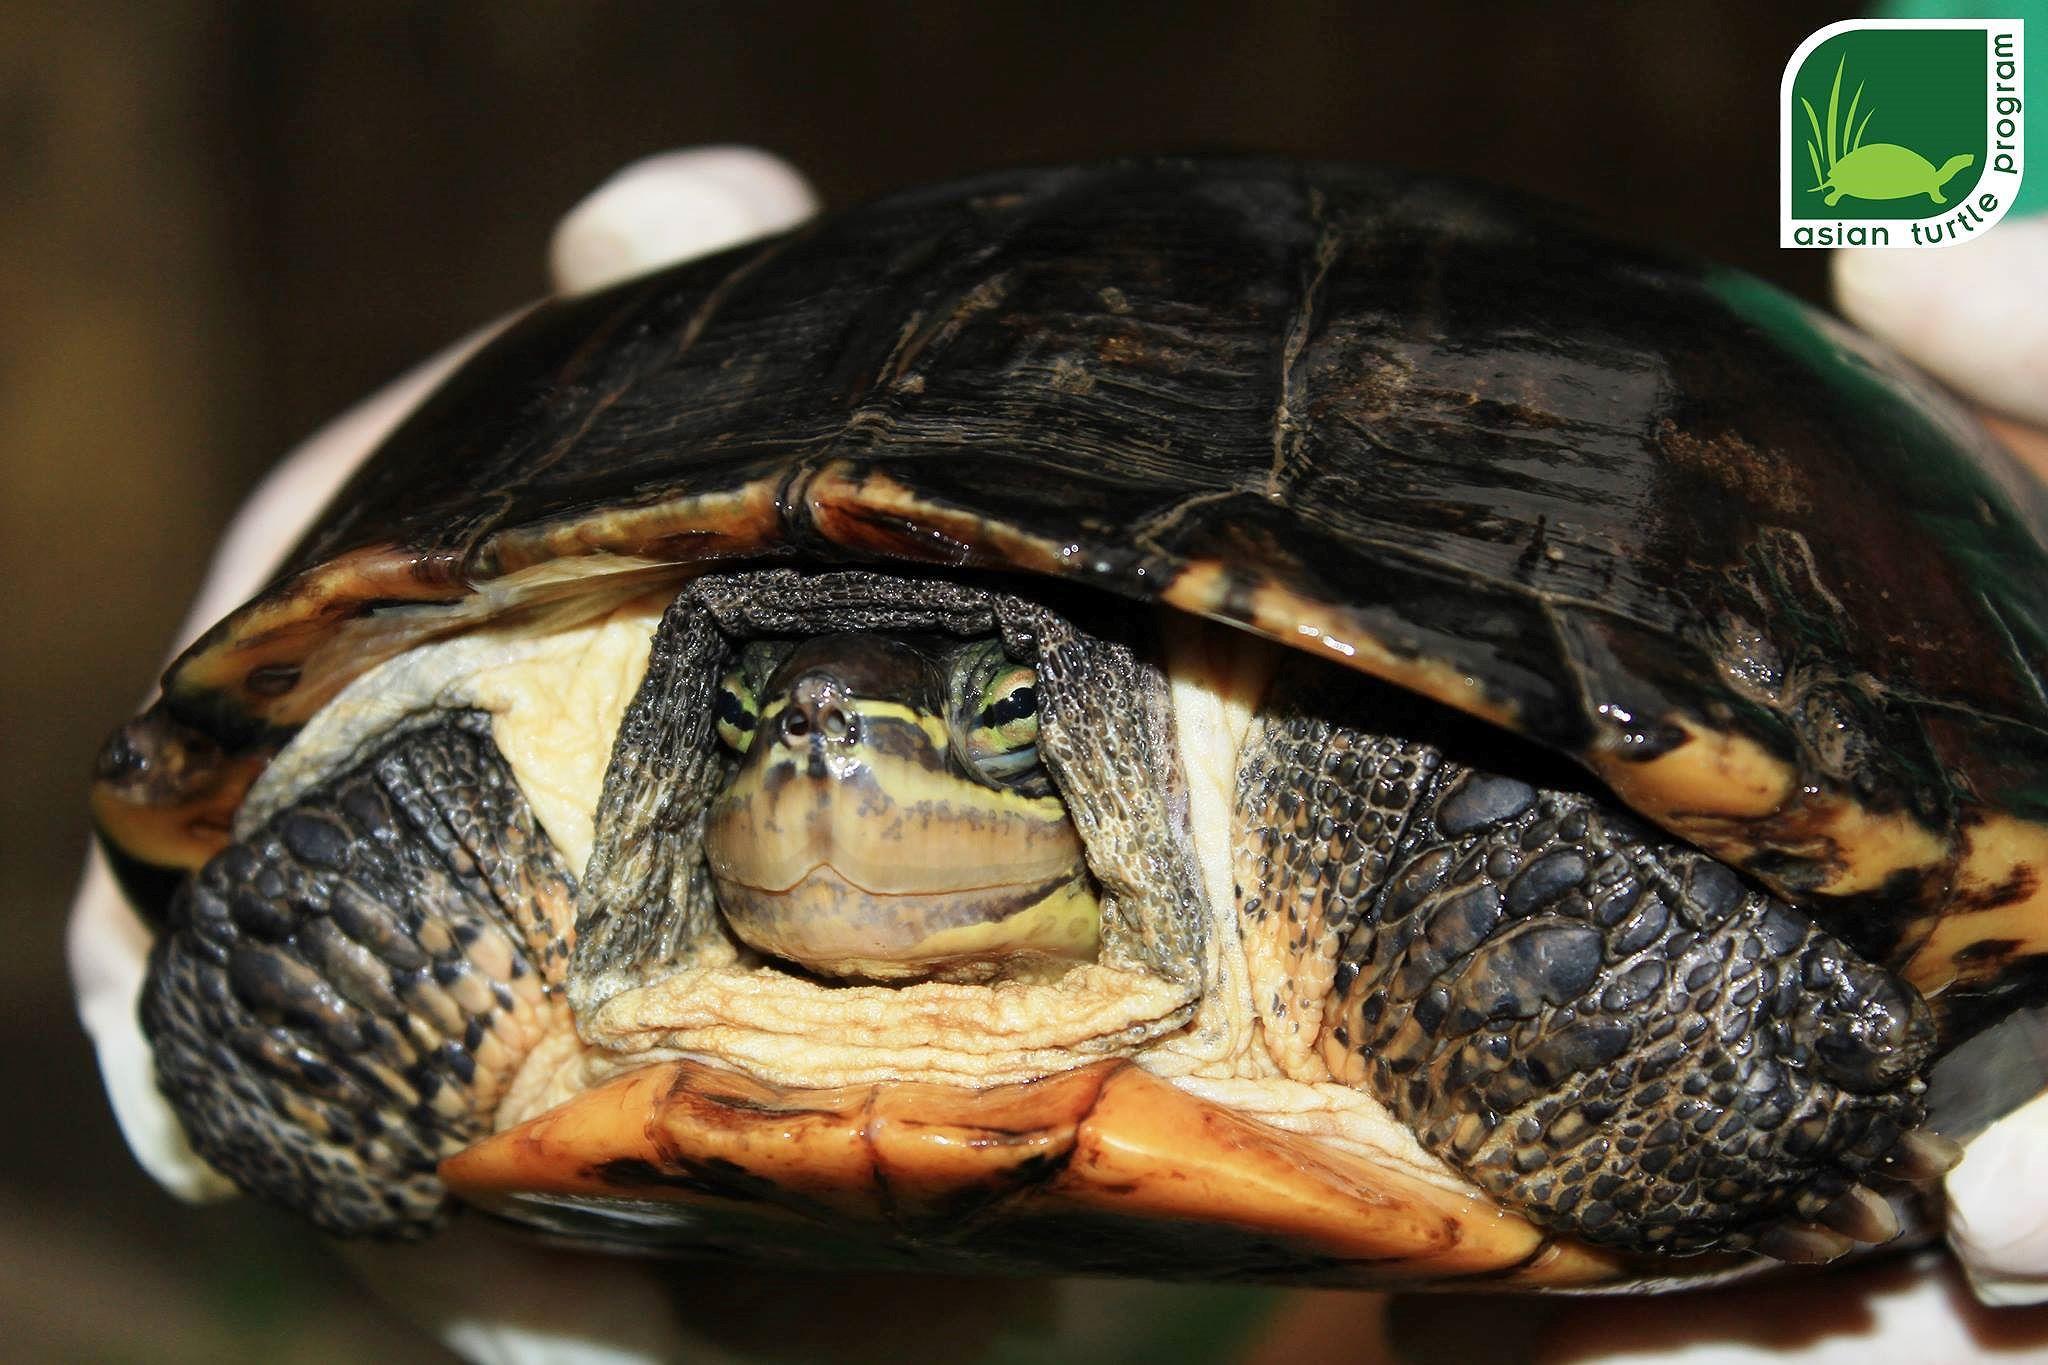 Hồng Kông bàn giao một cá thể rùa quý hiếm cho Việt Nam Ảnh 1